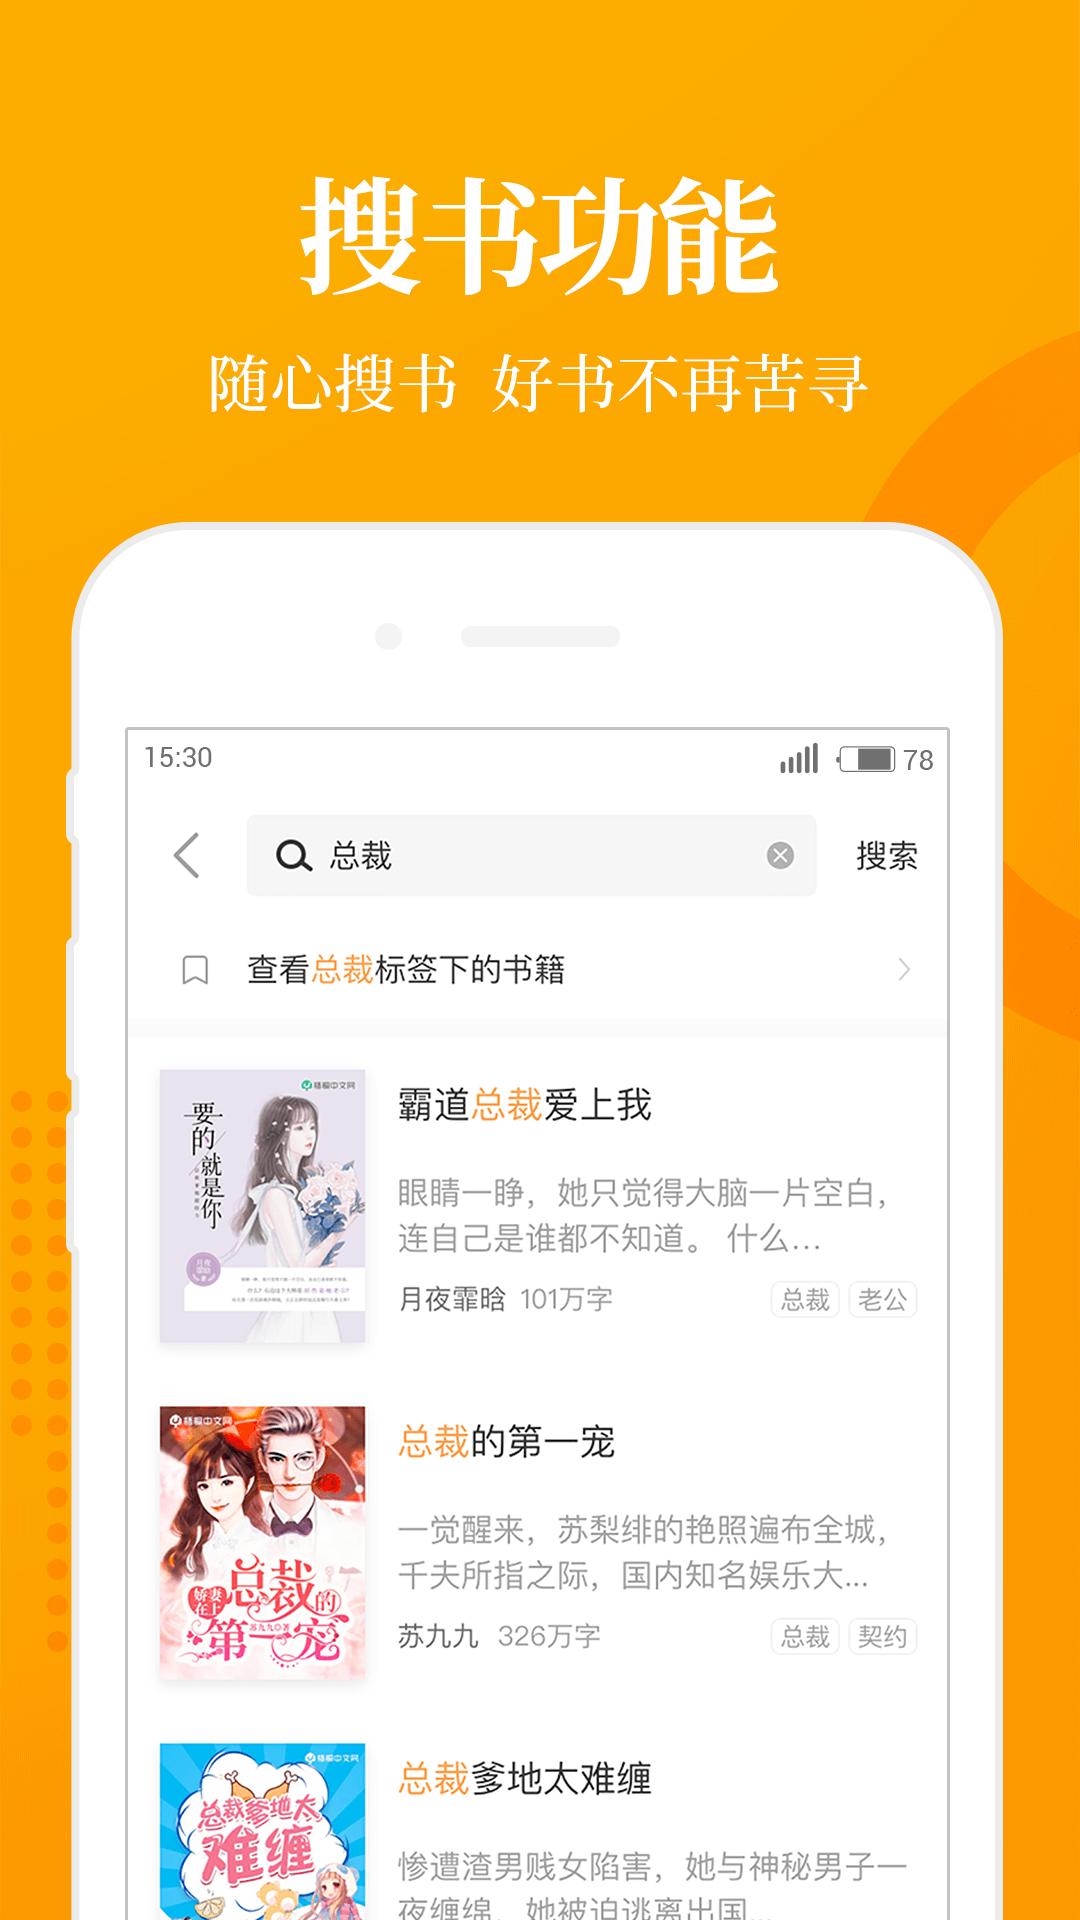 七猫精品小说内购破解版 V5.11 安卓版截图4